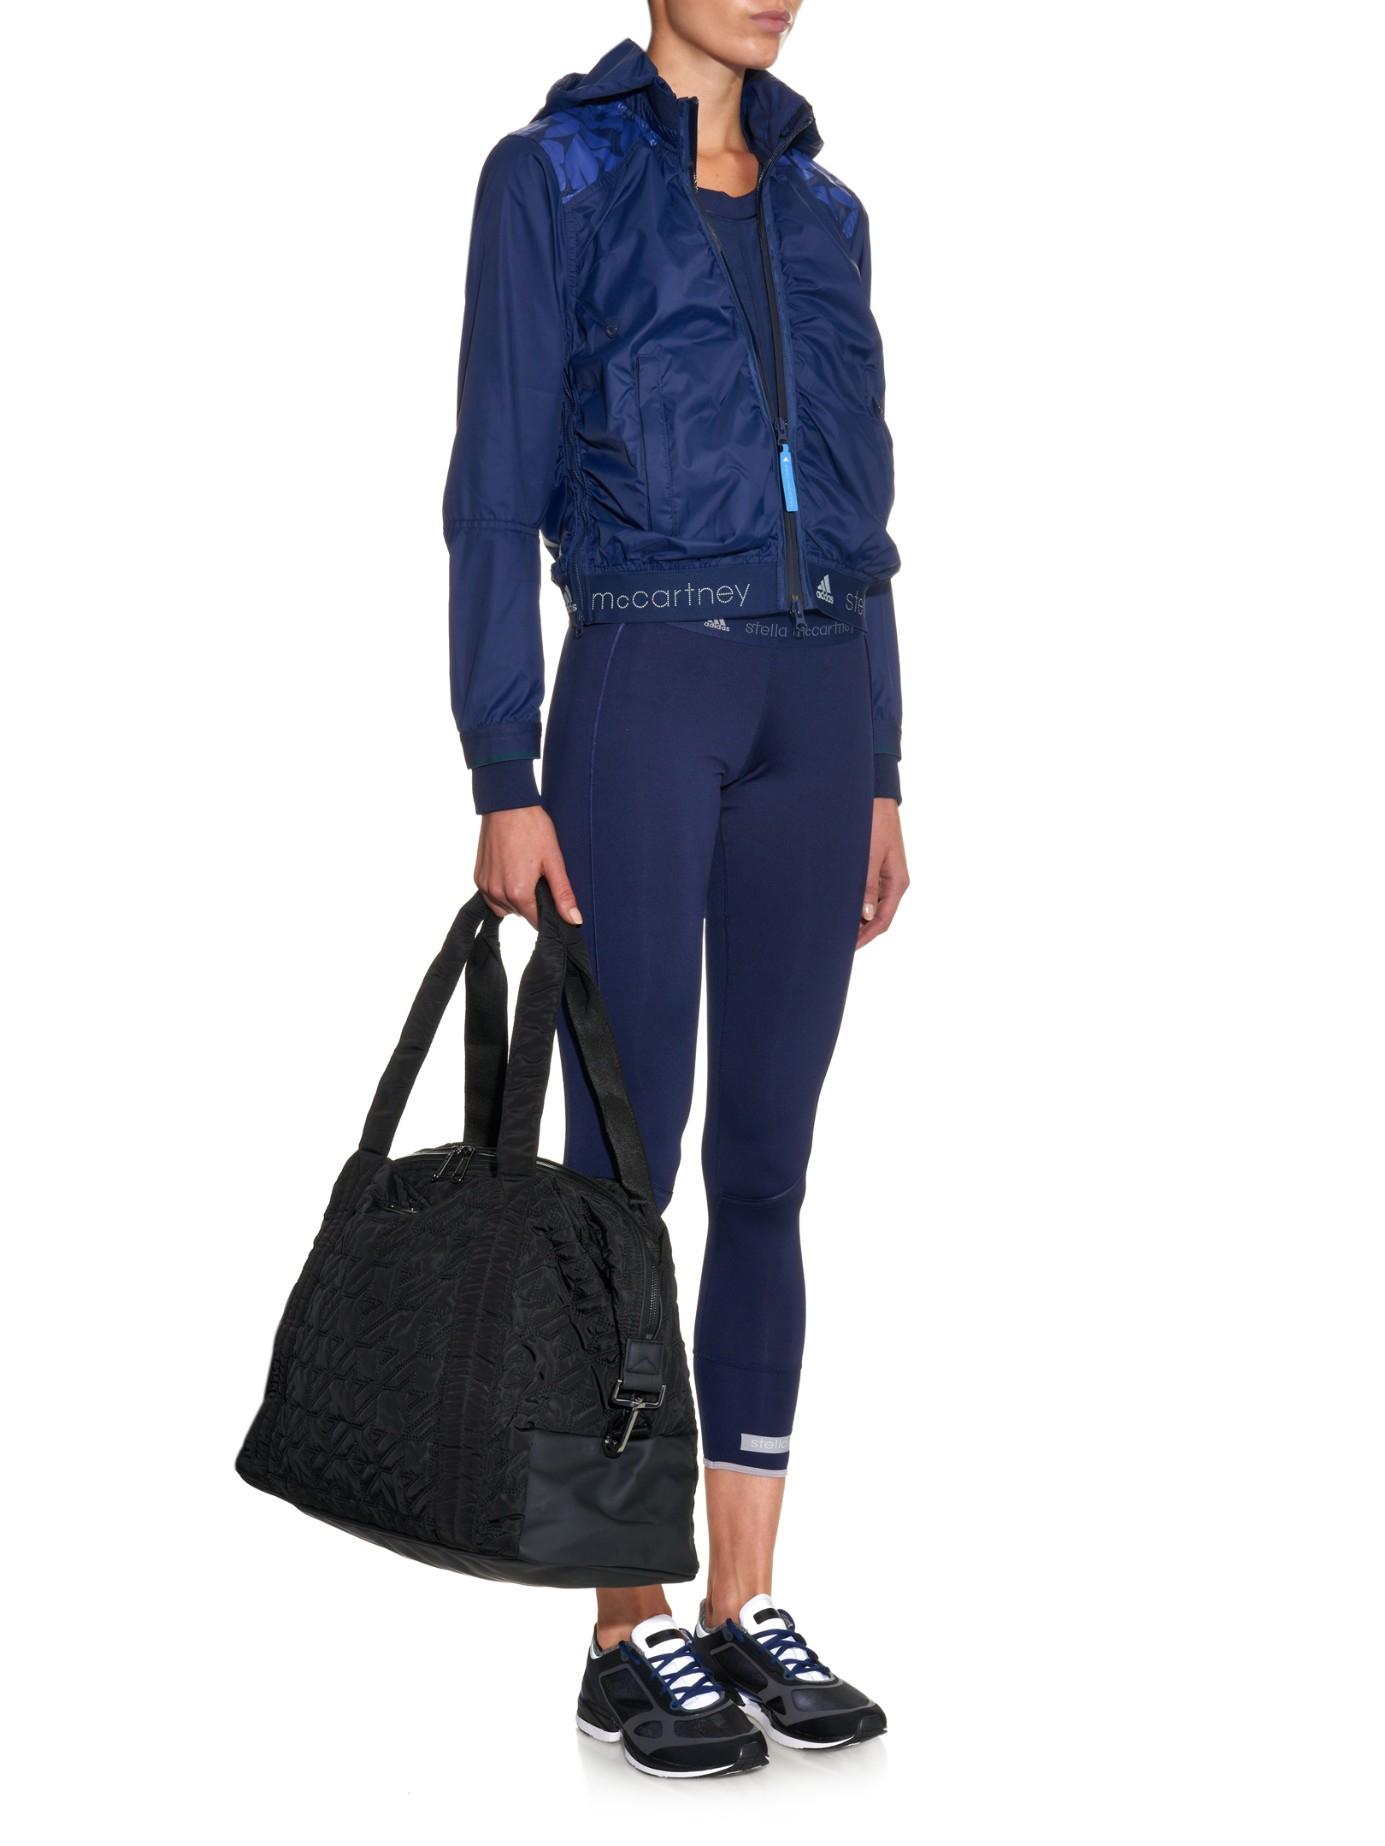 4e0cc5aa1ef3 adidas By Stella McCartney Big Quilted-Nylon Gym Bag in Black - Lyst